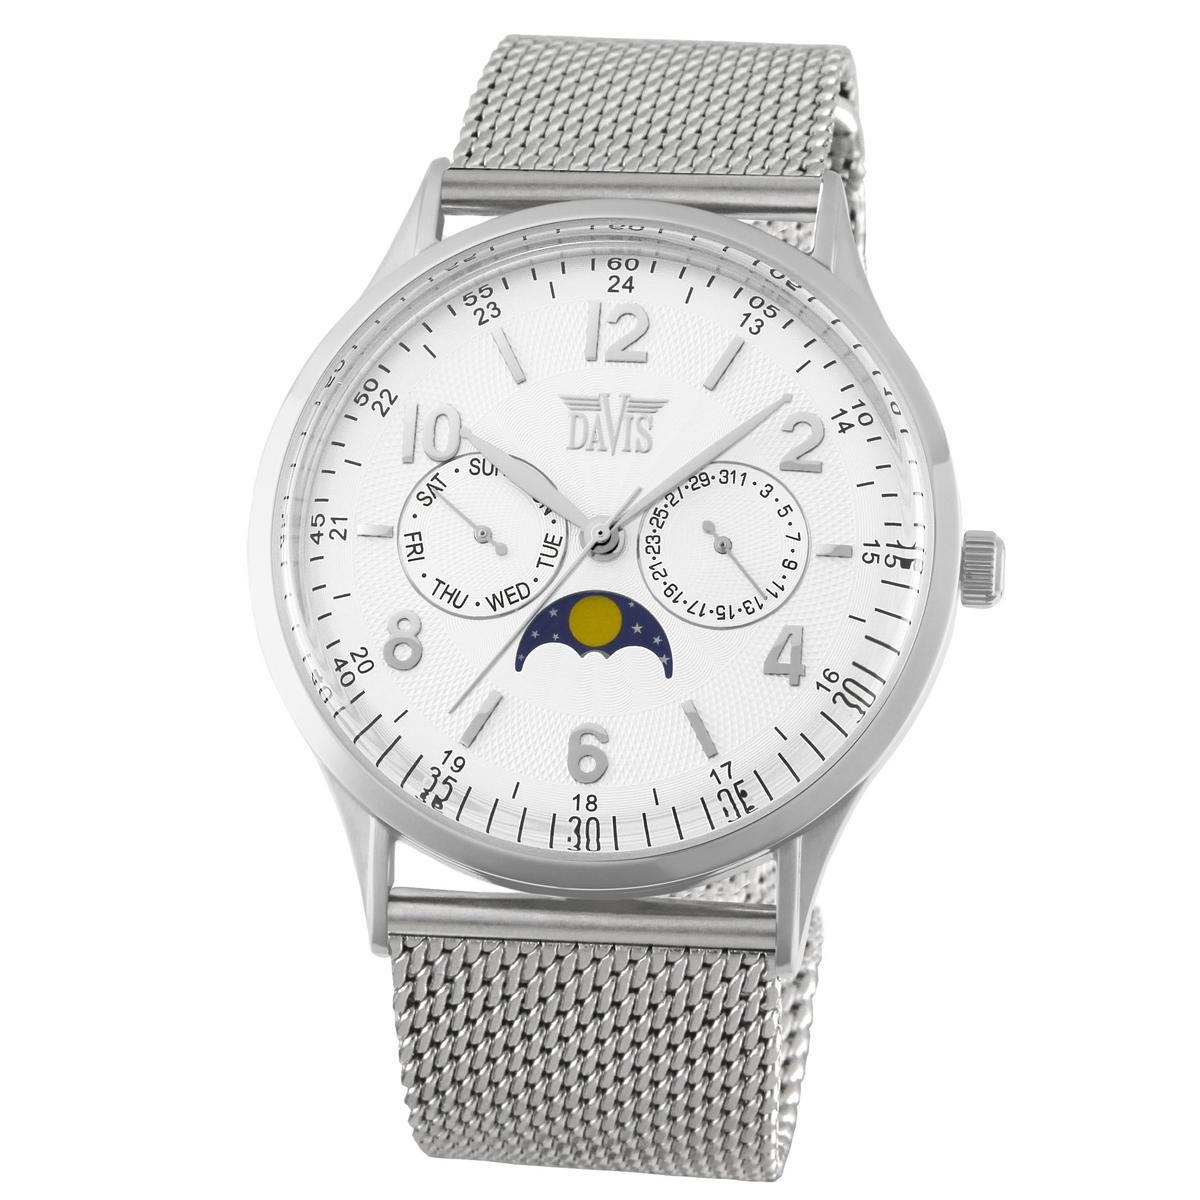 Davis 2356 Luca Watch